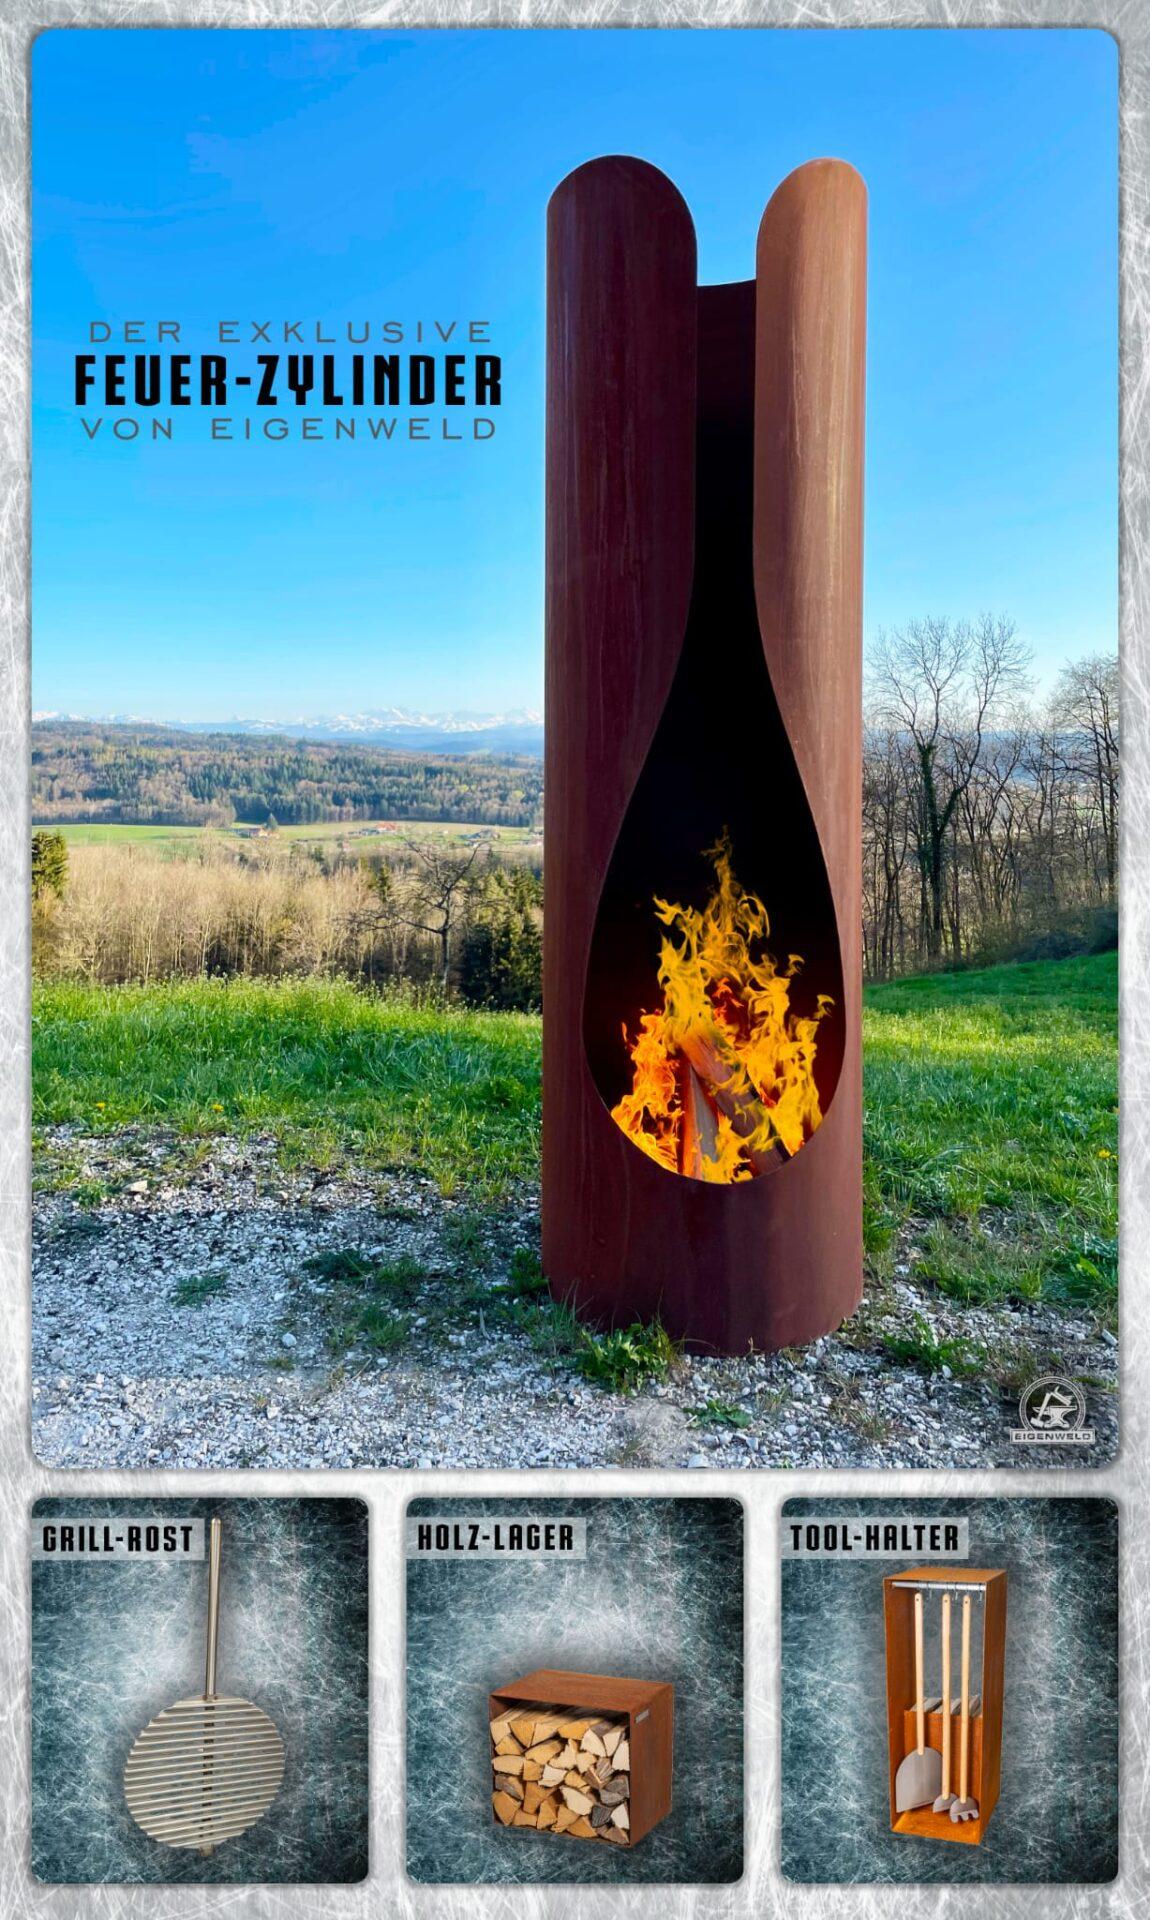 feuerzylinder feuerstelle